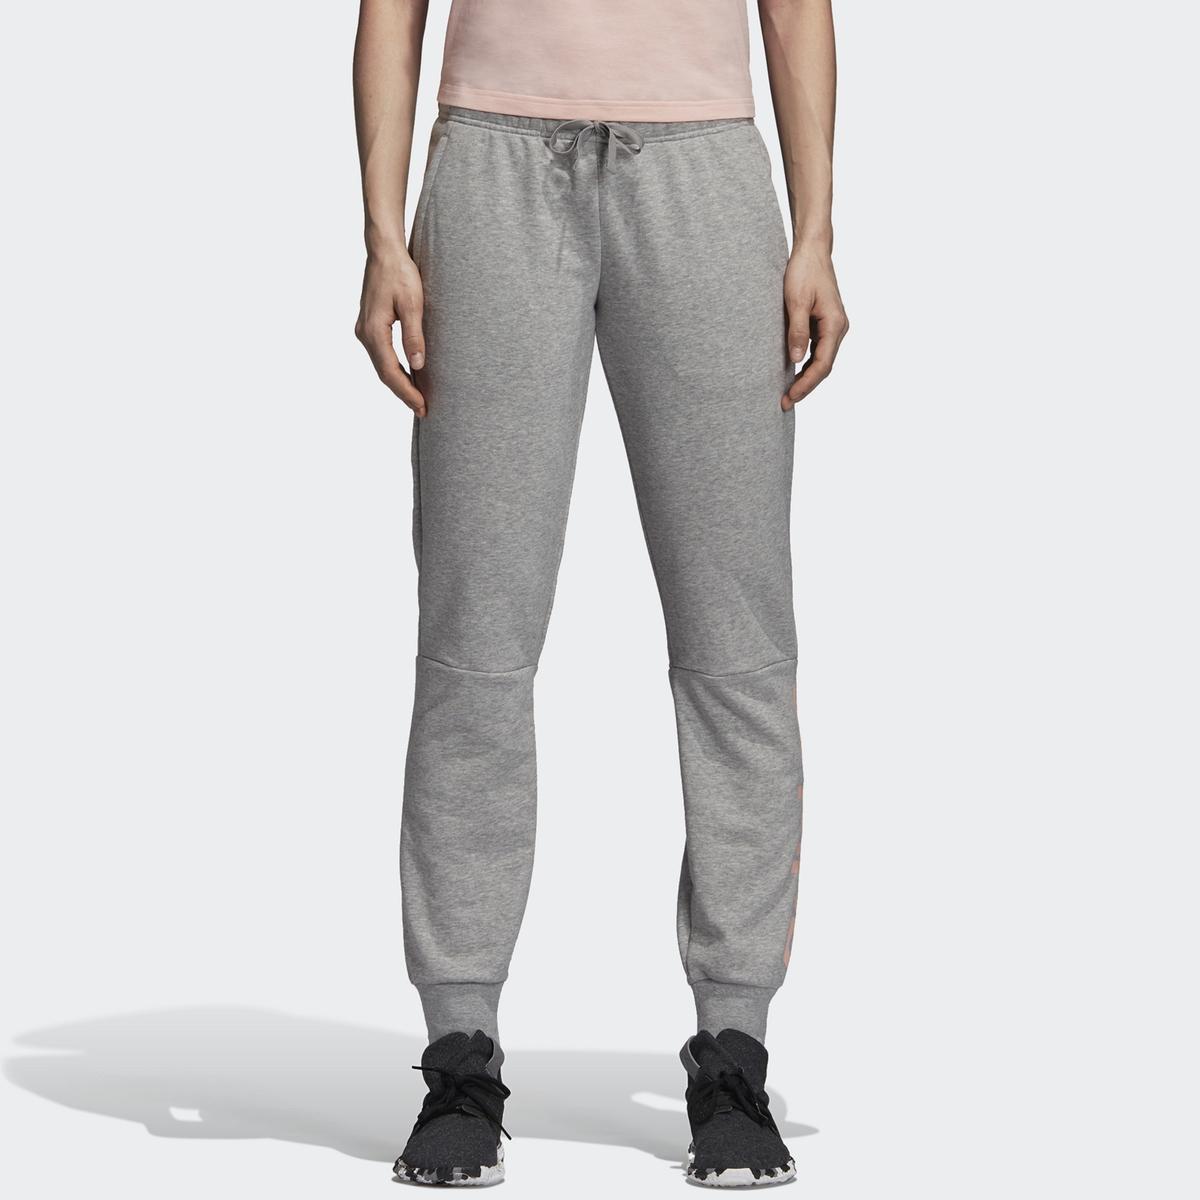 Pantaloni da jogging CZ5737 Essentials